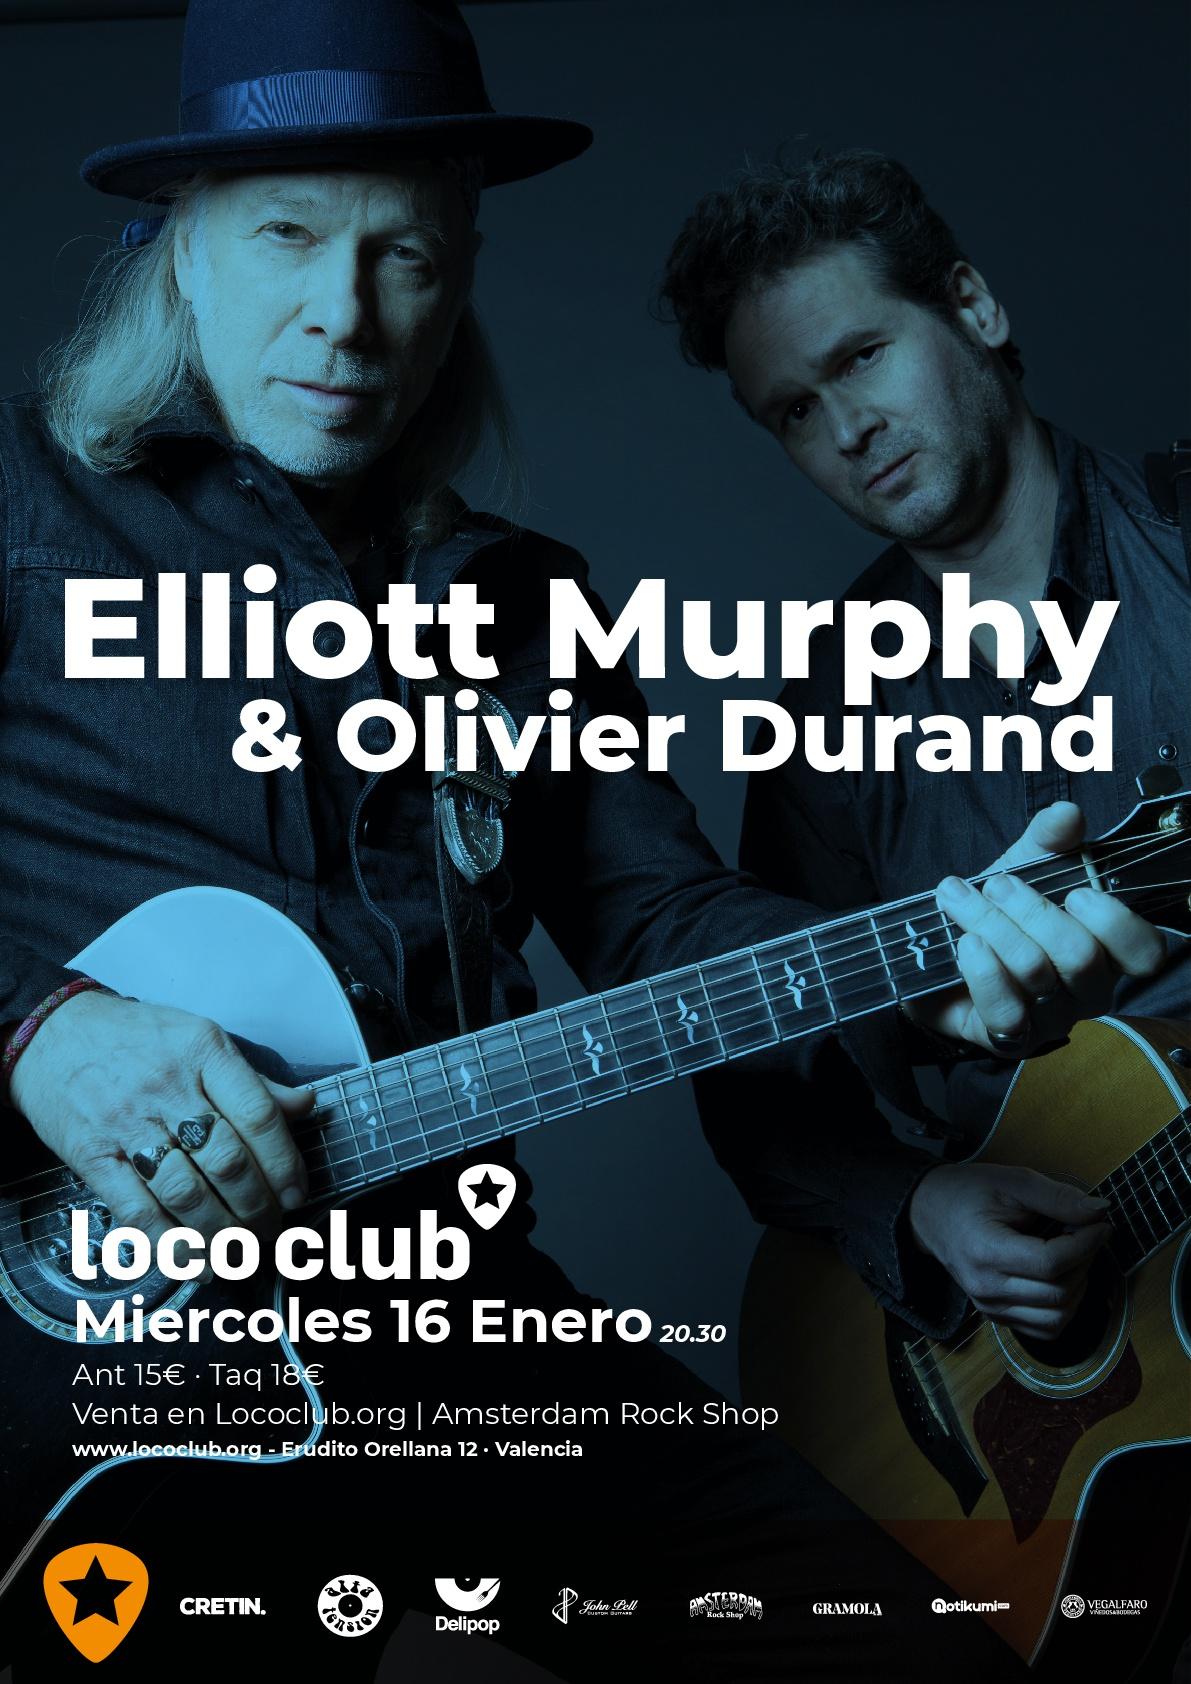 ELLIOT MURPHY Y OLIVIER DURAND LOCO CLUB 16 DE ENERO 2019 Elliot10